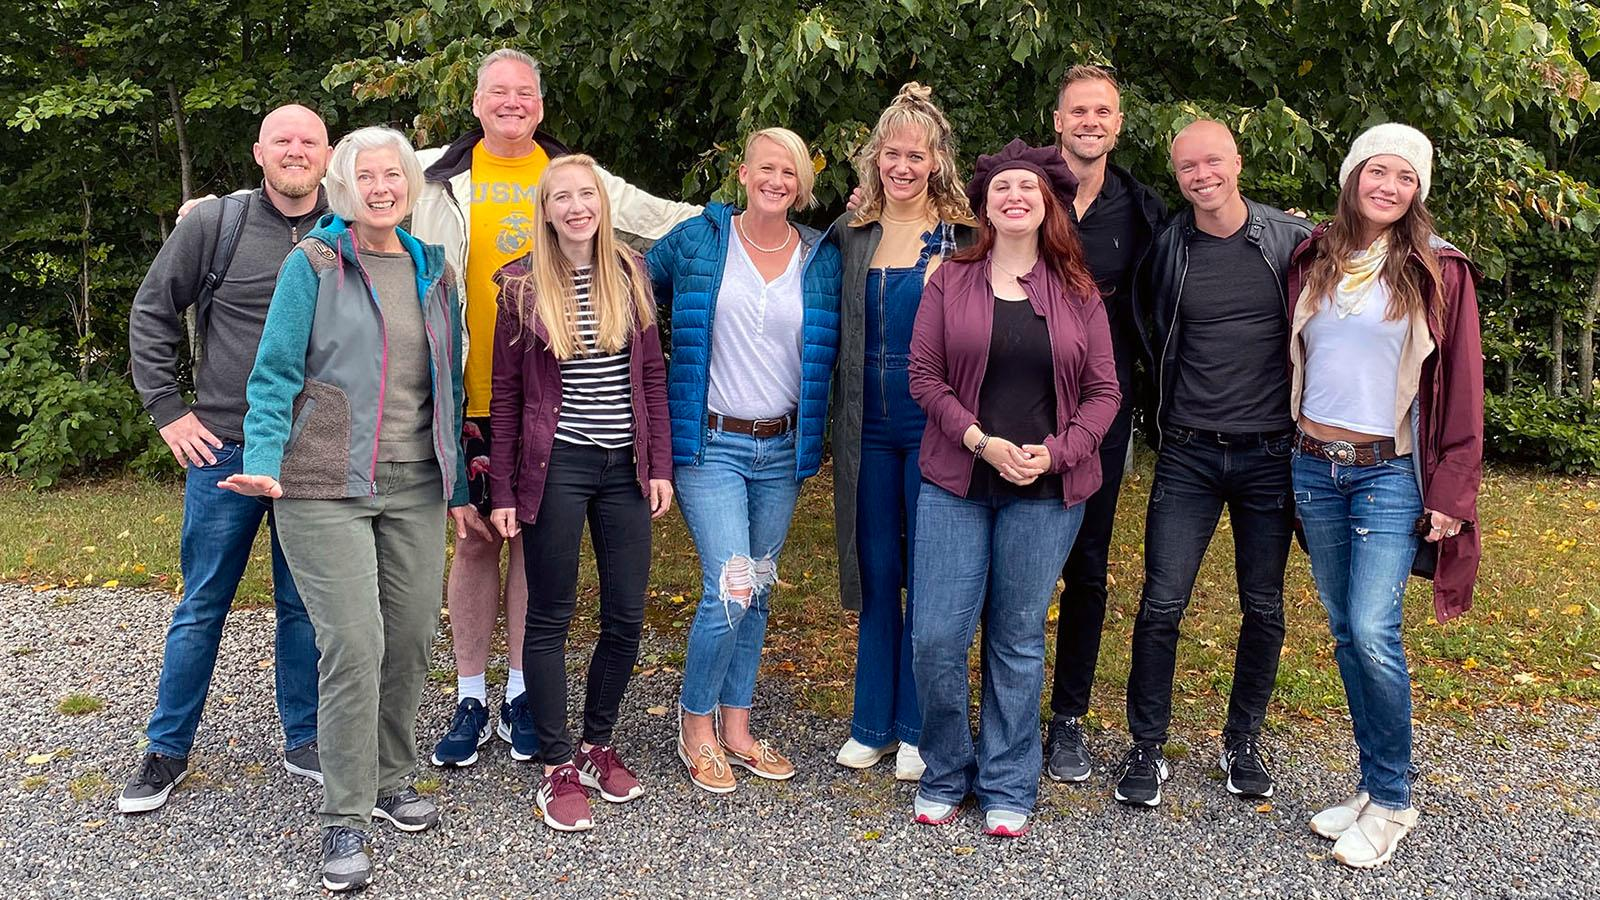 """Deltagarna i """"Allt för Sverige"""" 2022. Från vänster Michael, Sharon, Bret, Nicole, Erika, Sally, Melody, Jon, Trevor och Brittany."""